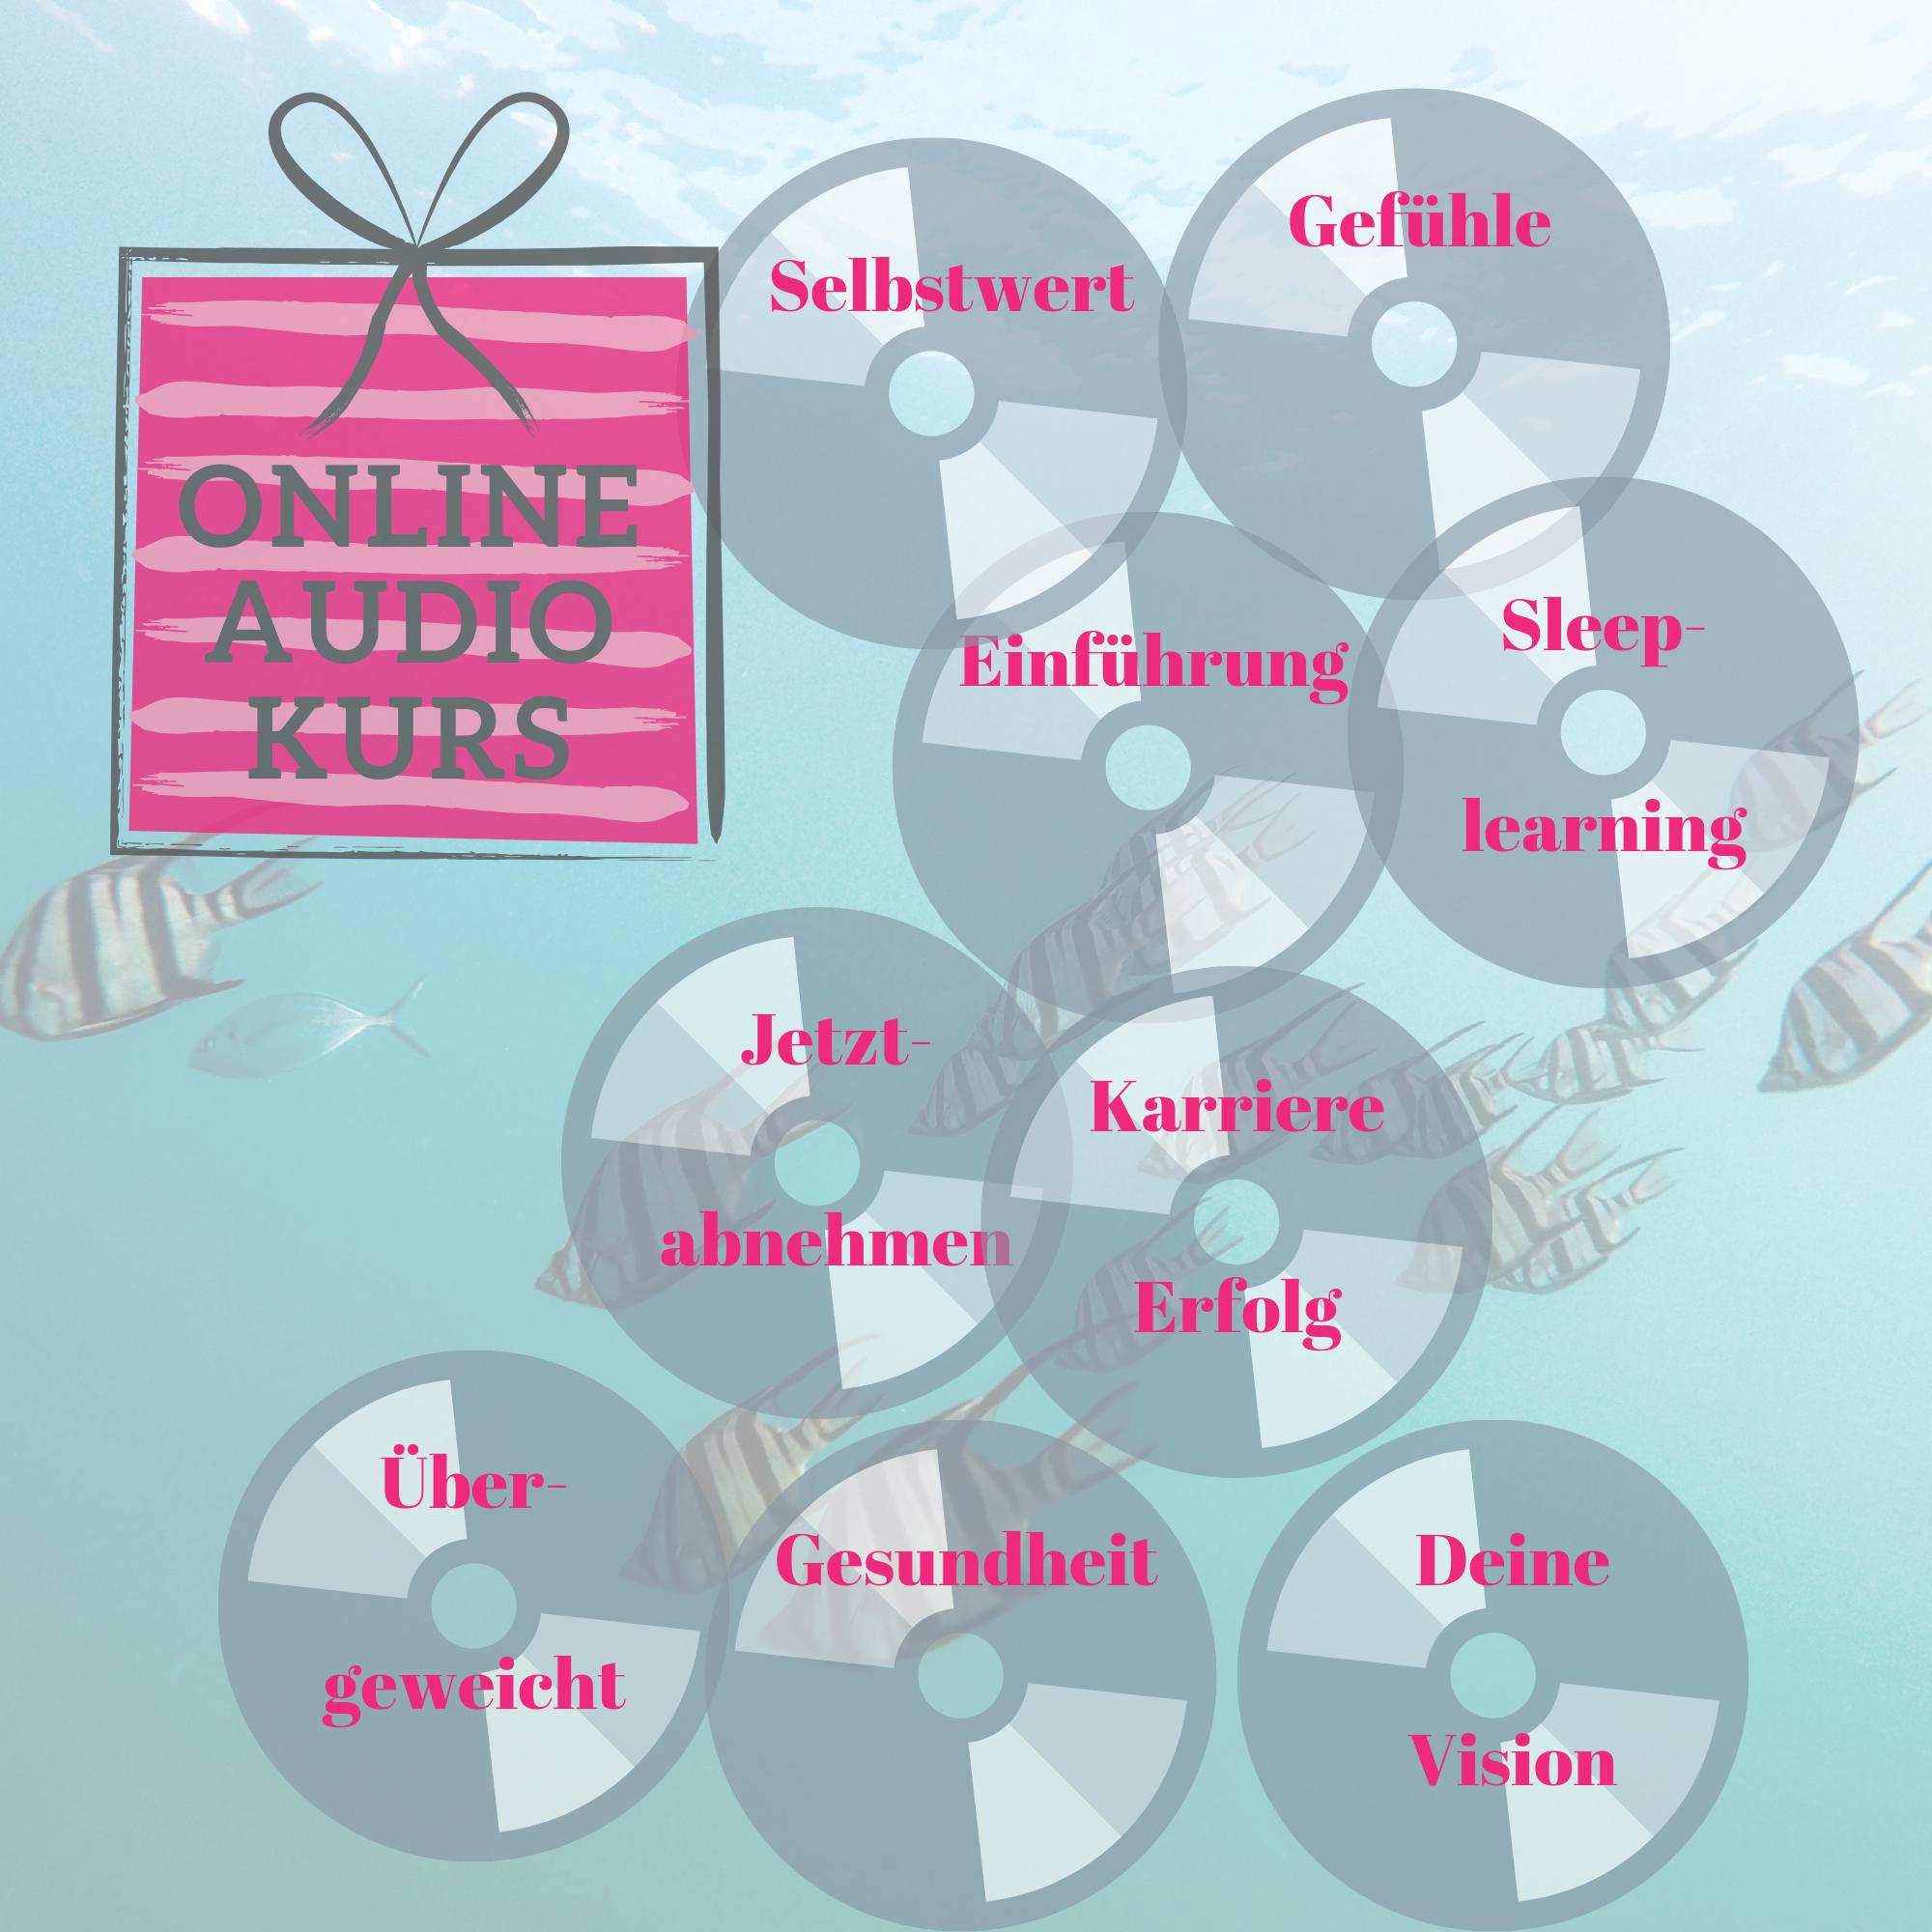 Online Audio Kurs - alle Kapitel